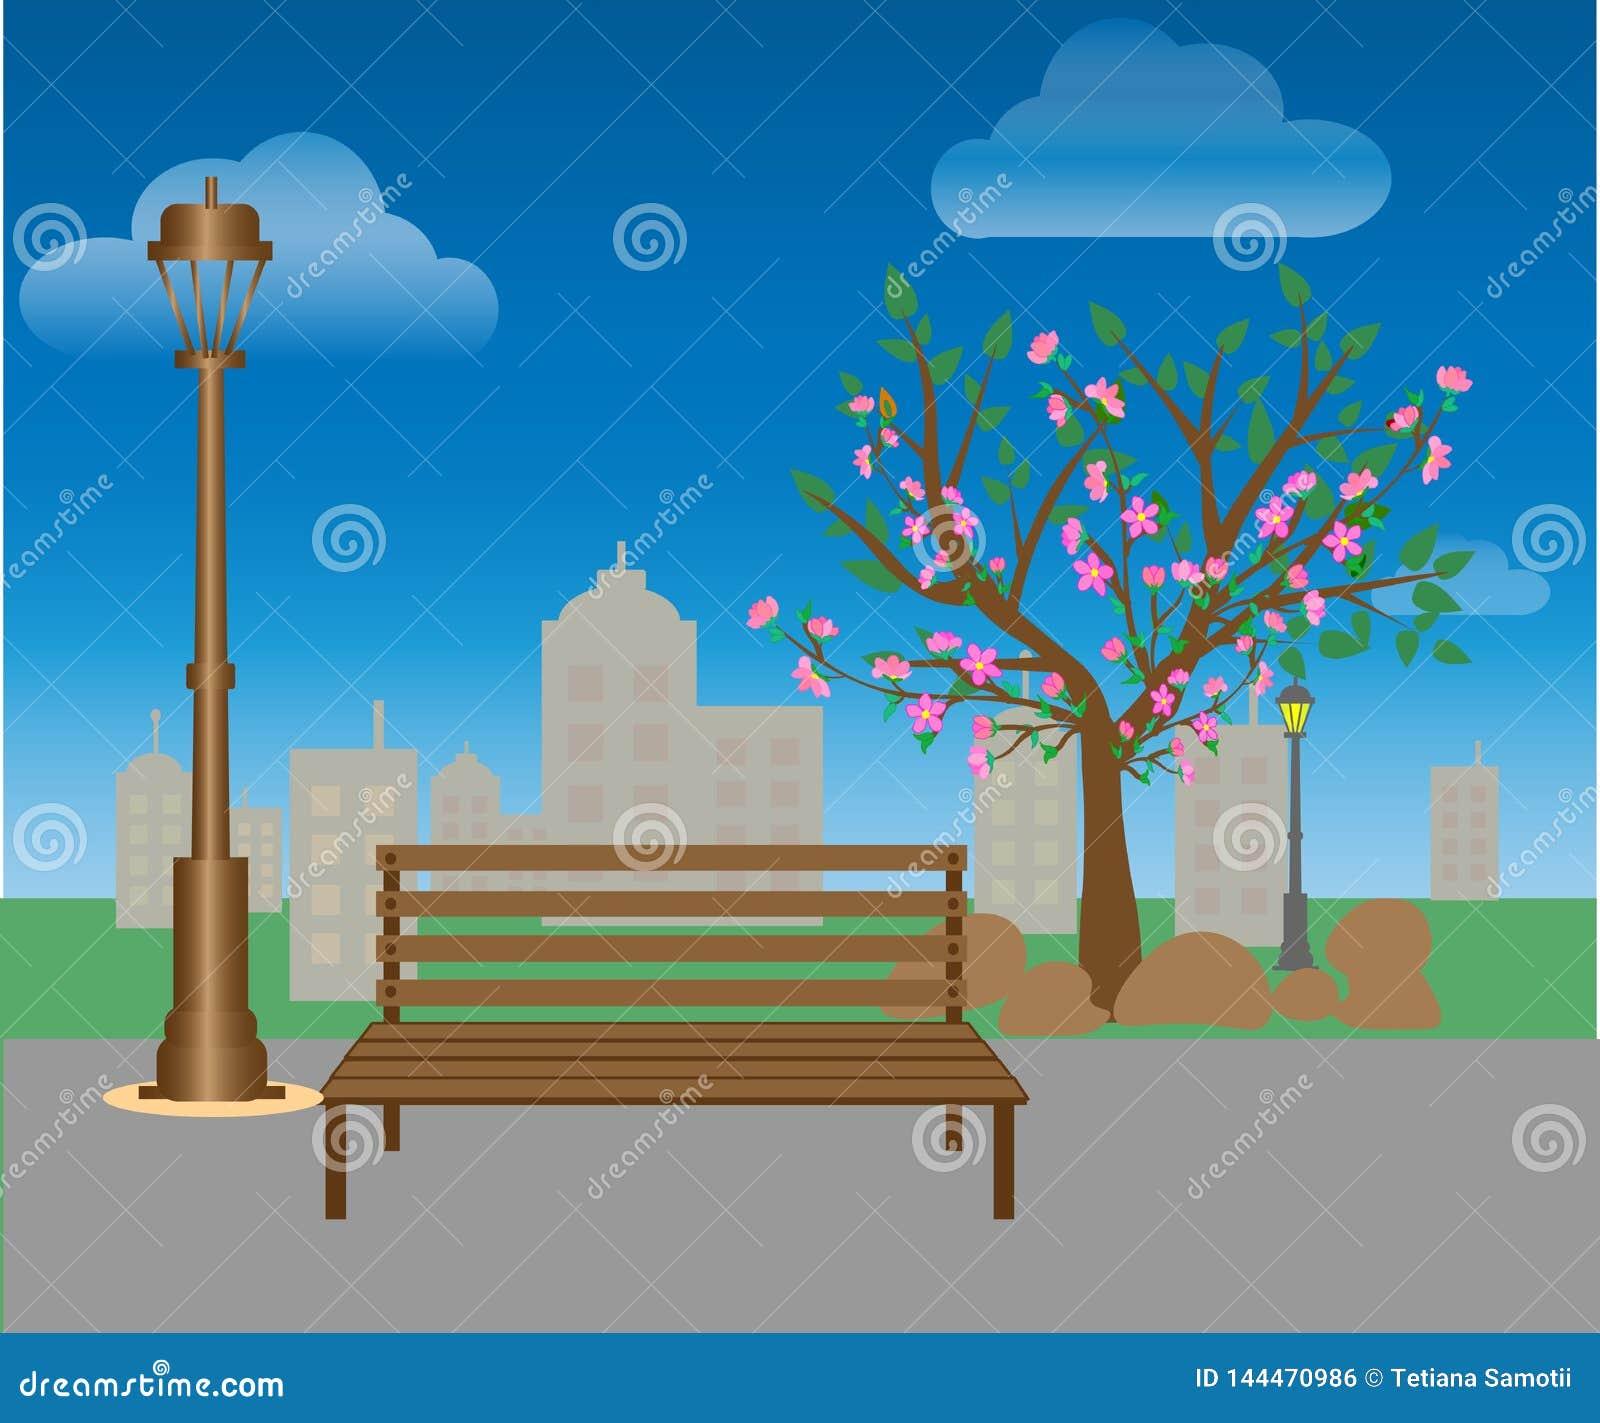 Banken en lantaarns in het stadspark Landschap: parkweg, groen gazon, bomen, struiken, stad op de horizon